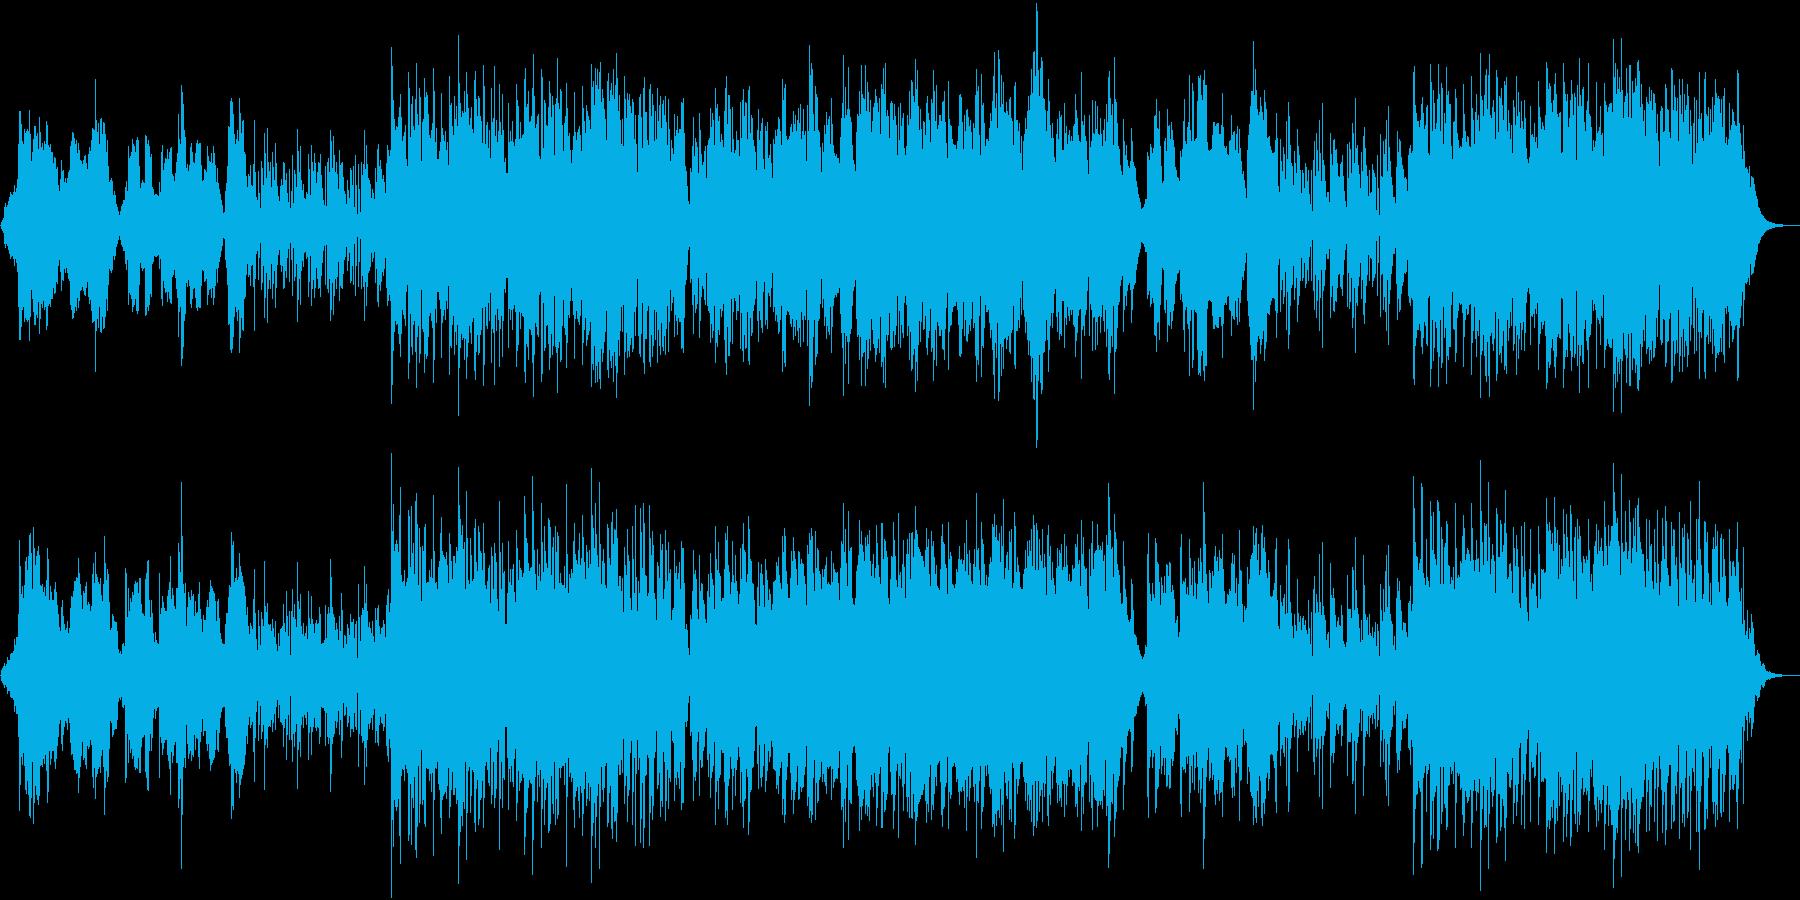 ケルトの風を感じるユッタリしたサウンドの再生済みの波形